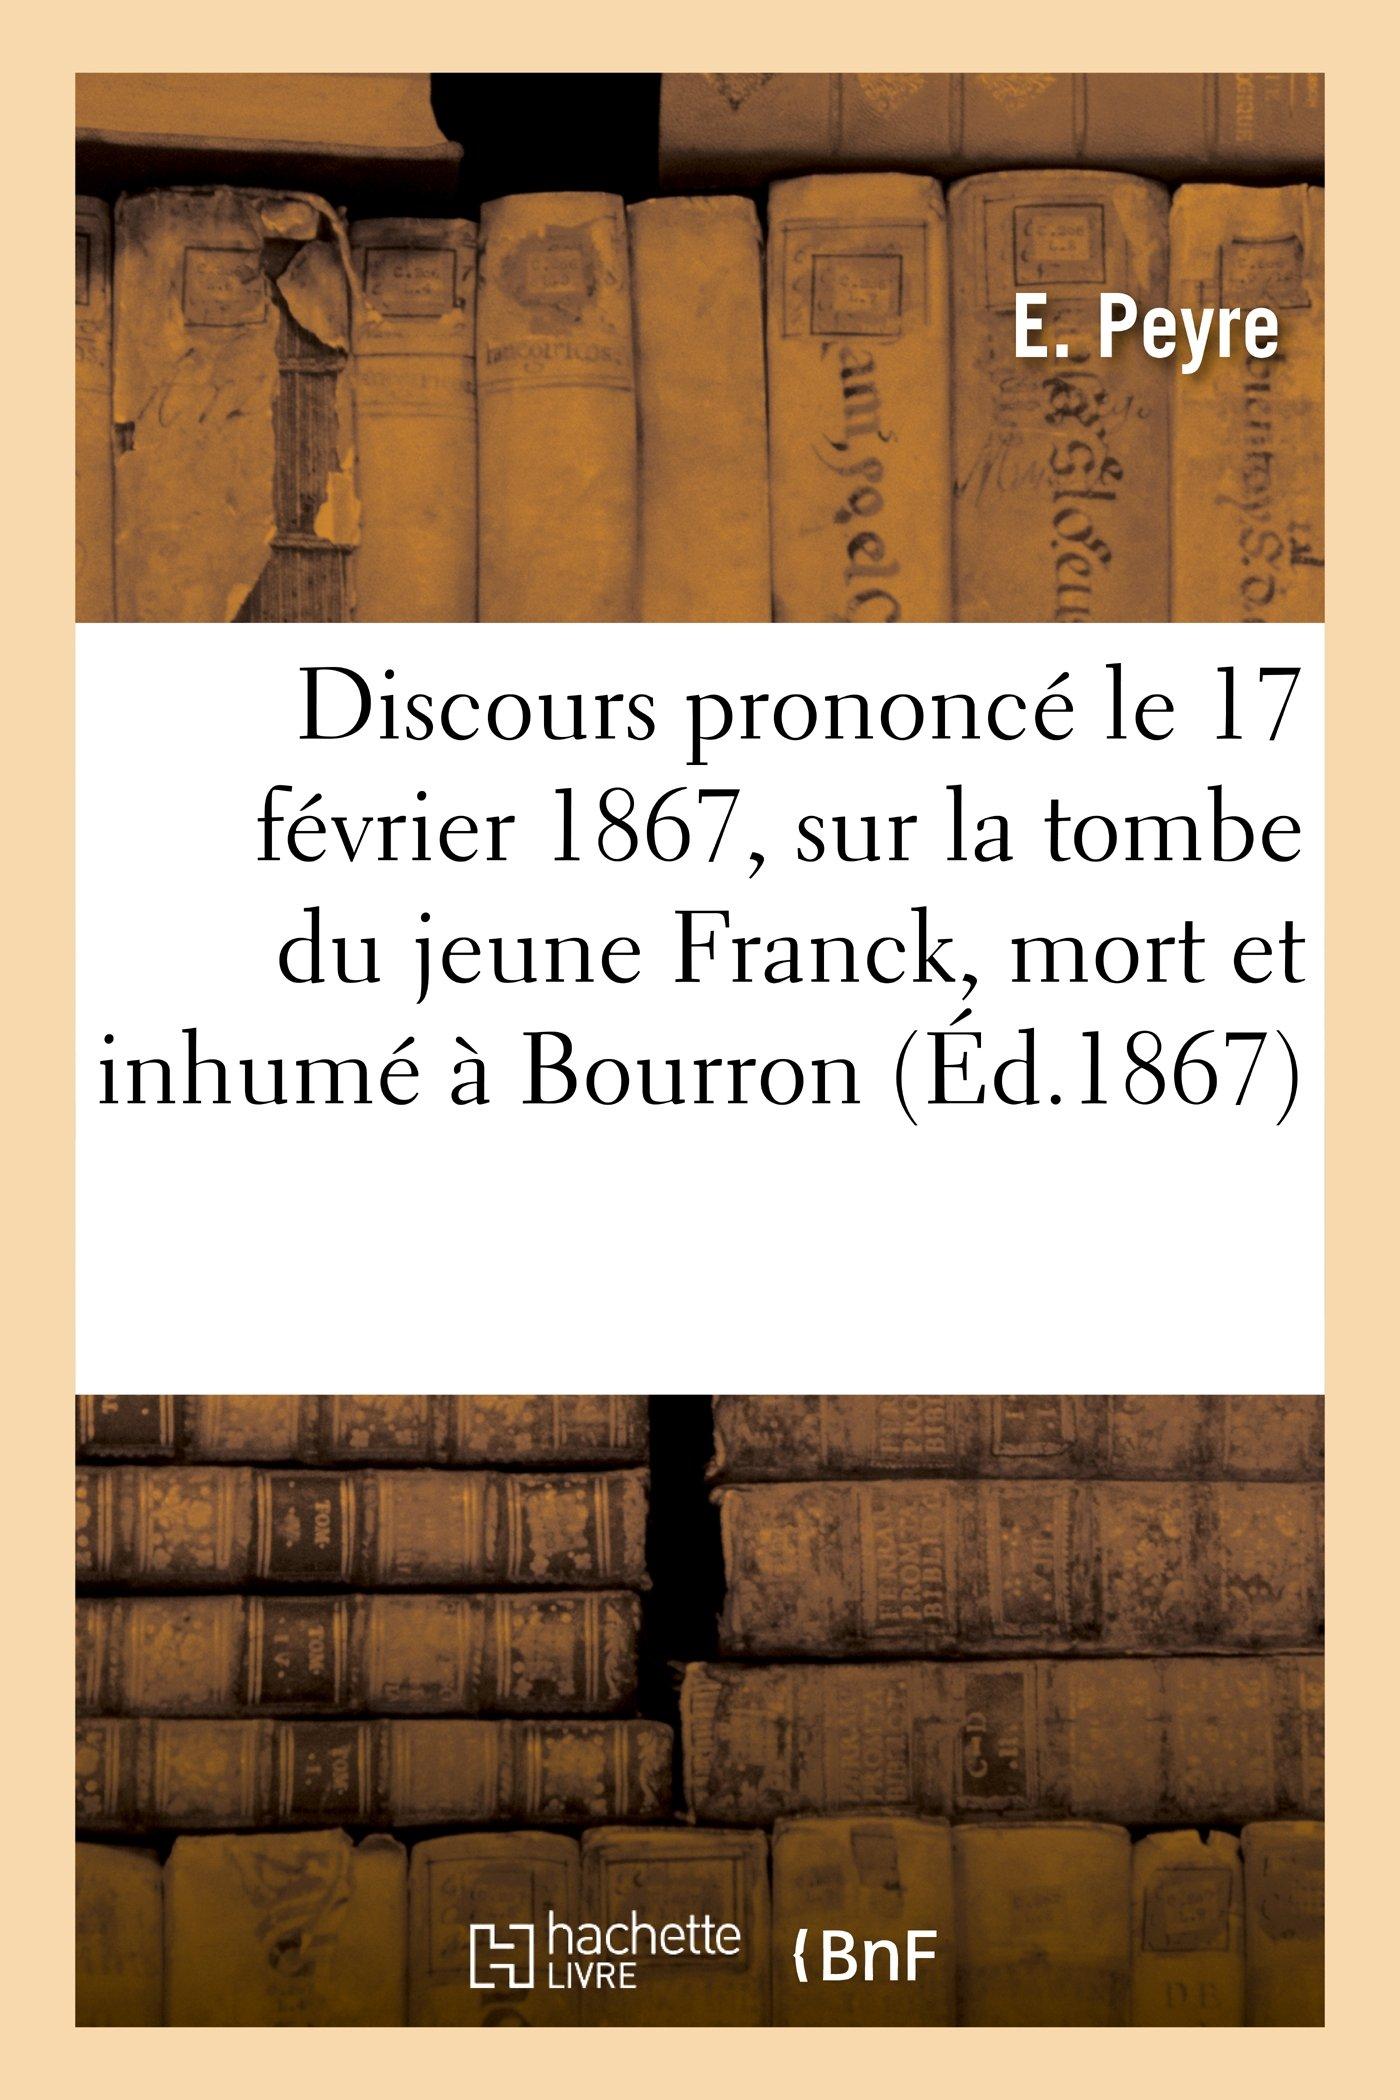 Download Discours Prononce Le 17 Fevrier 1867, Sur La Tombe Du Jeune Franck, Mort Et Inhume a Bourron (Histoire) (French Edition) ebook